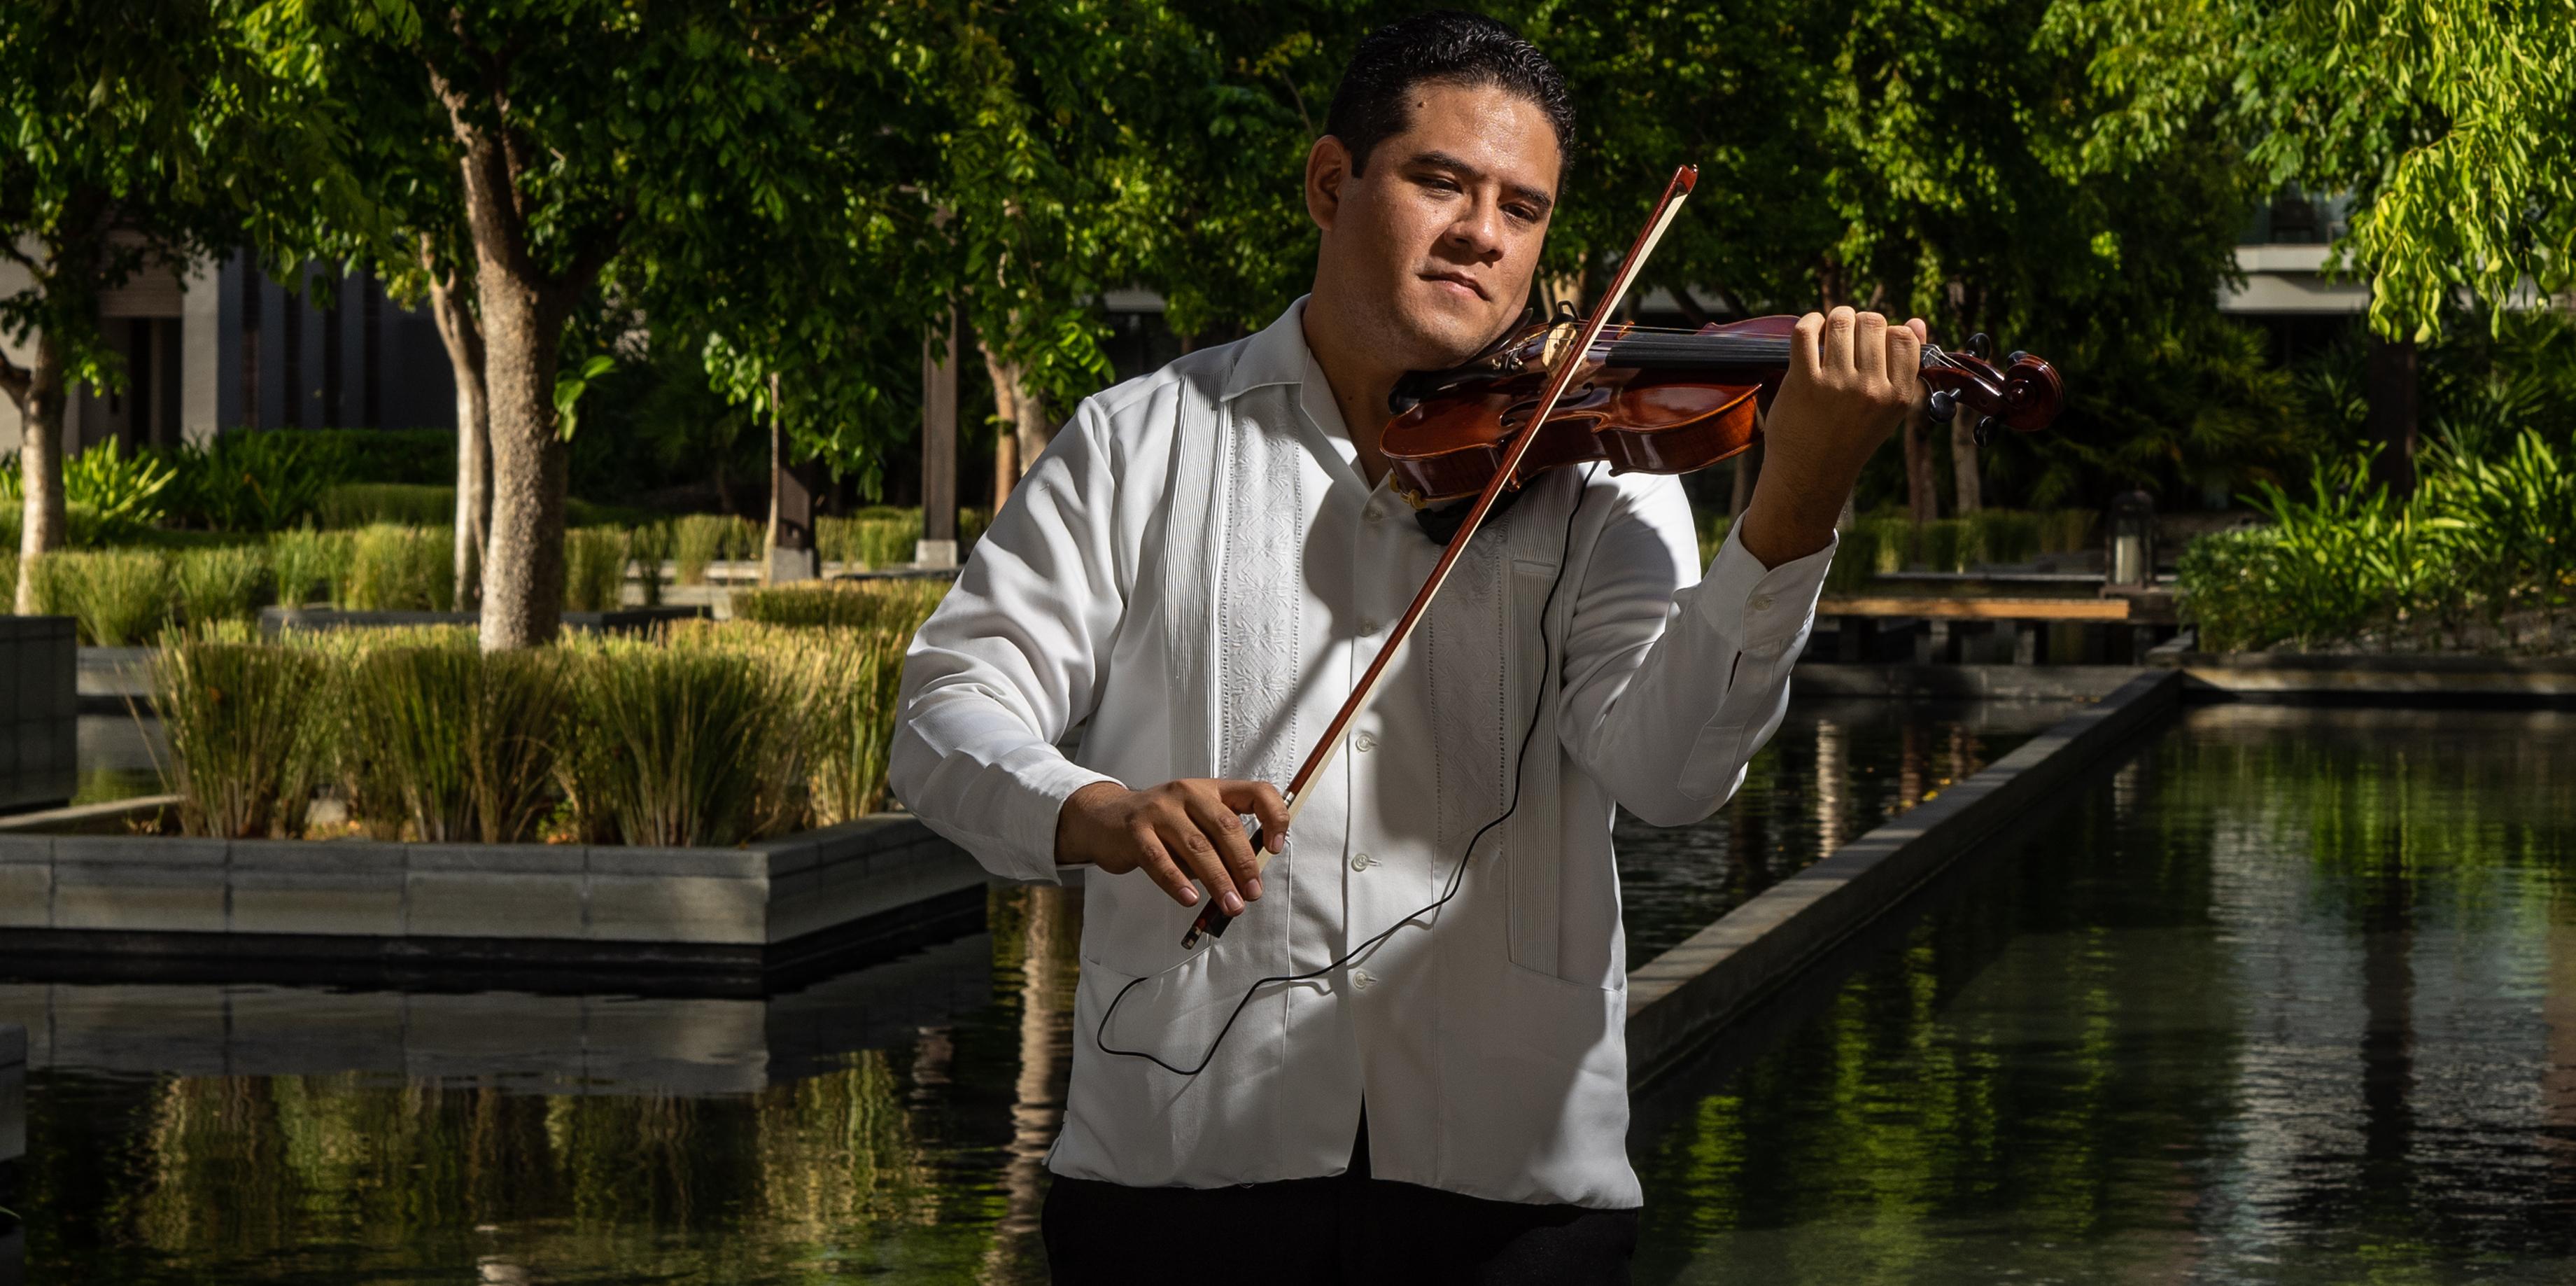 ViolinHorizontal